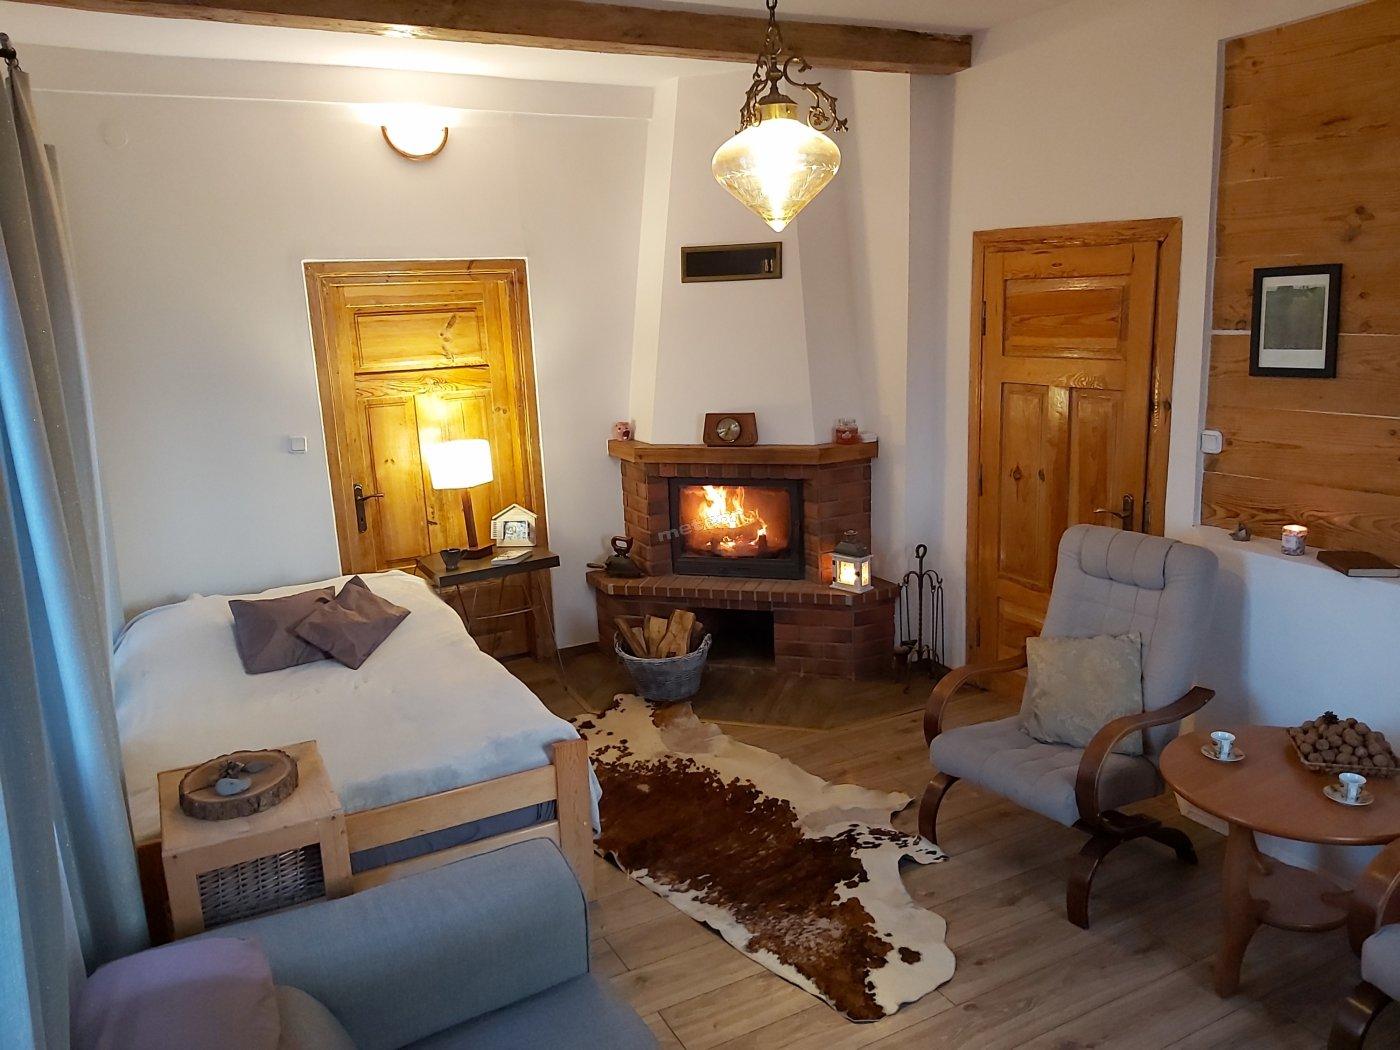 W domku drewnianym, pokój kominkowy z łóżkiem podwójnym i sofa rozkładana.